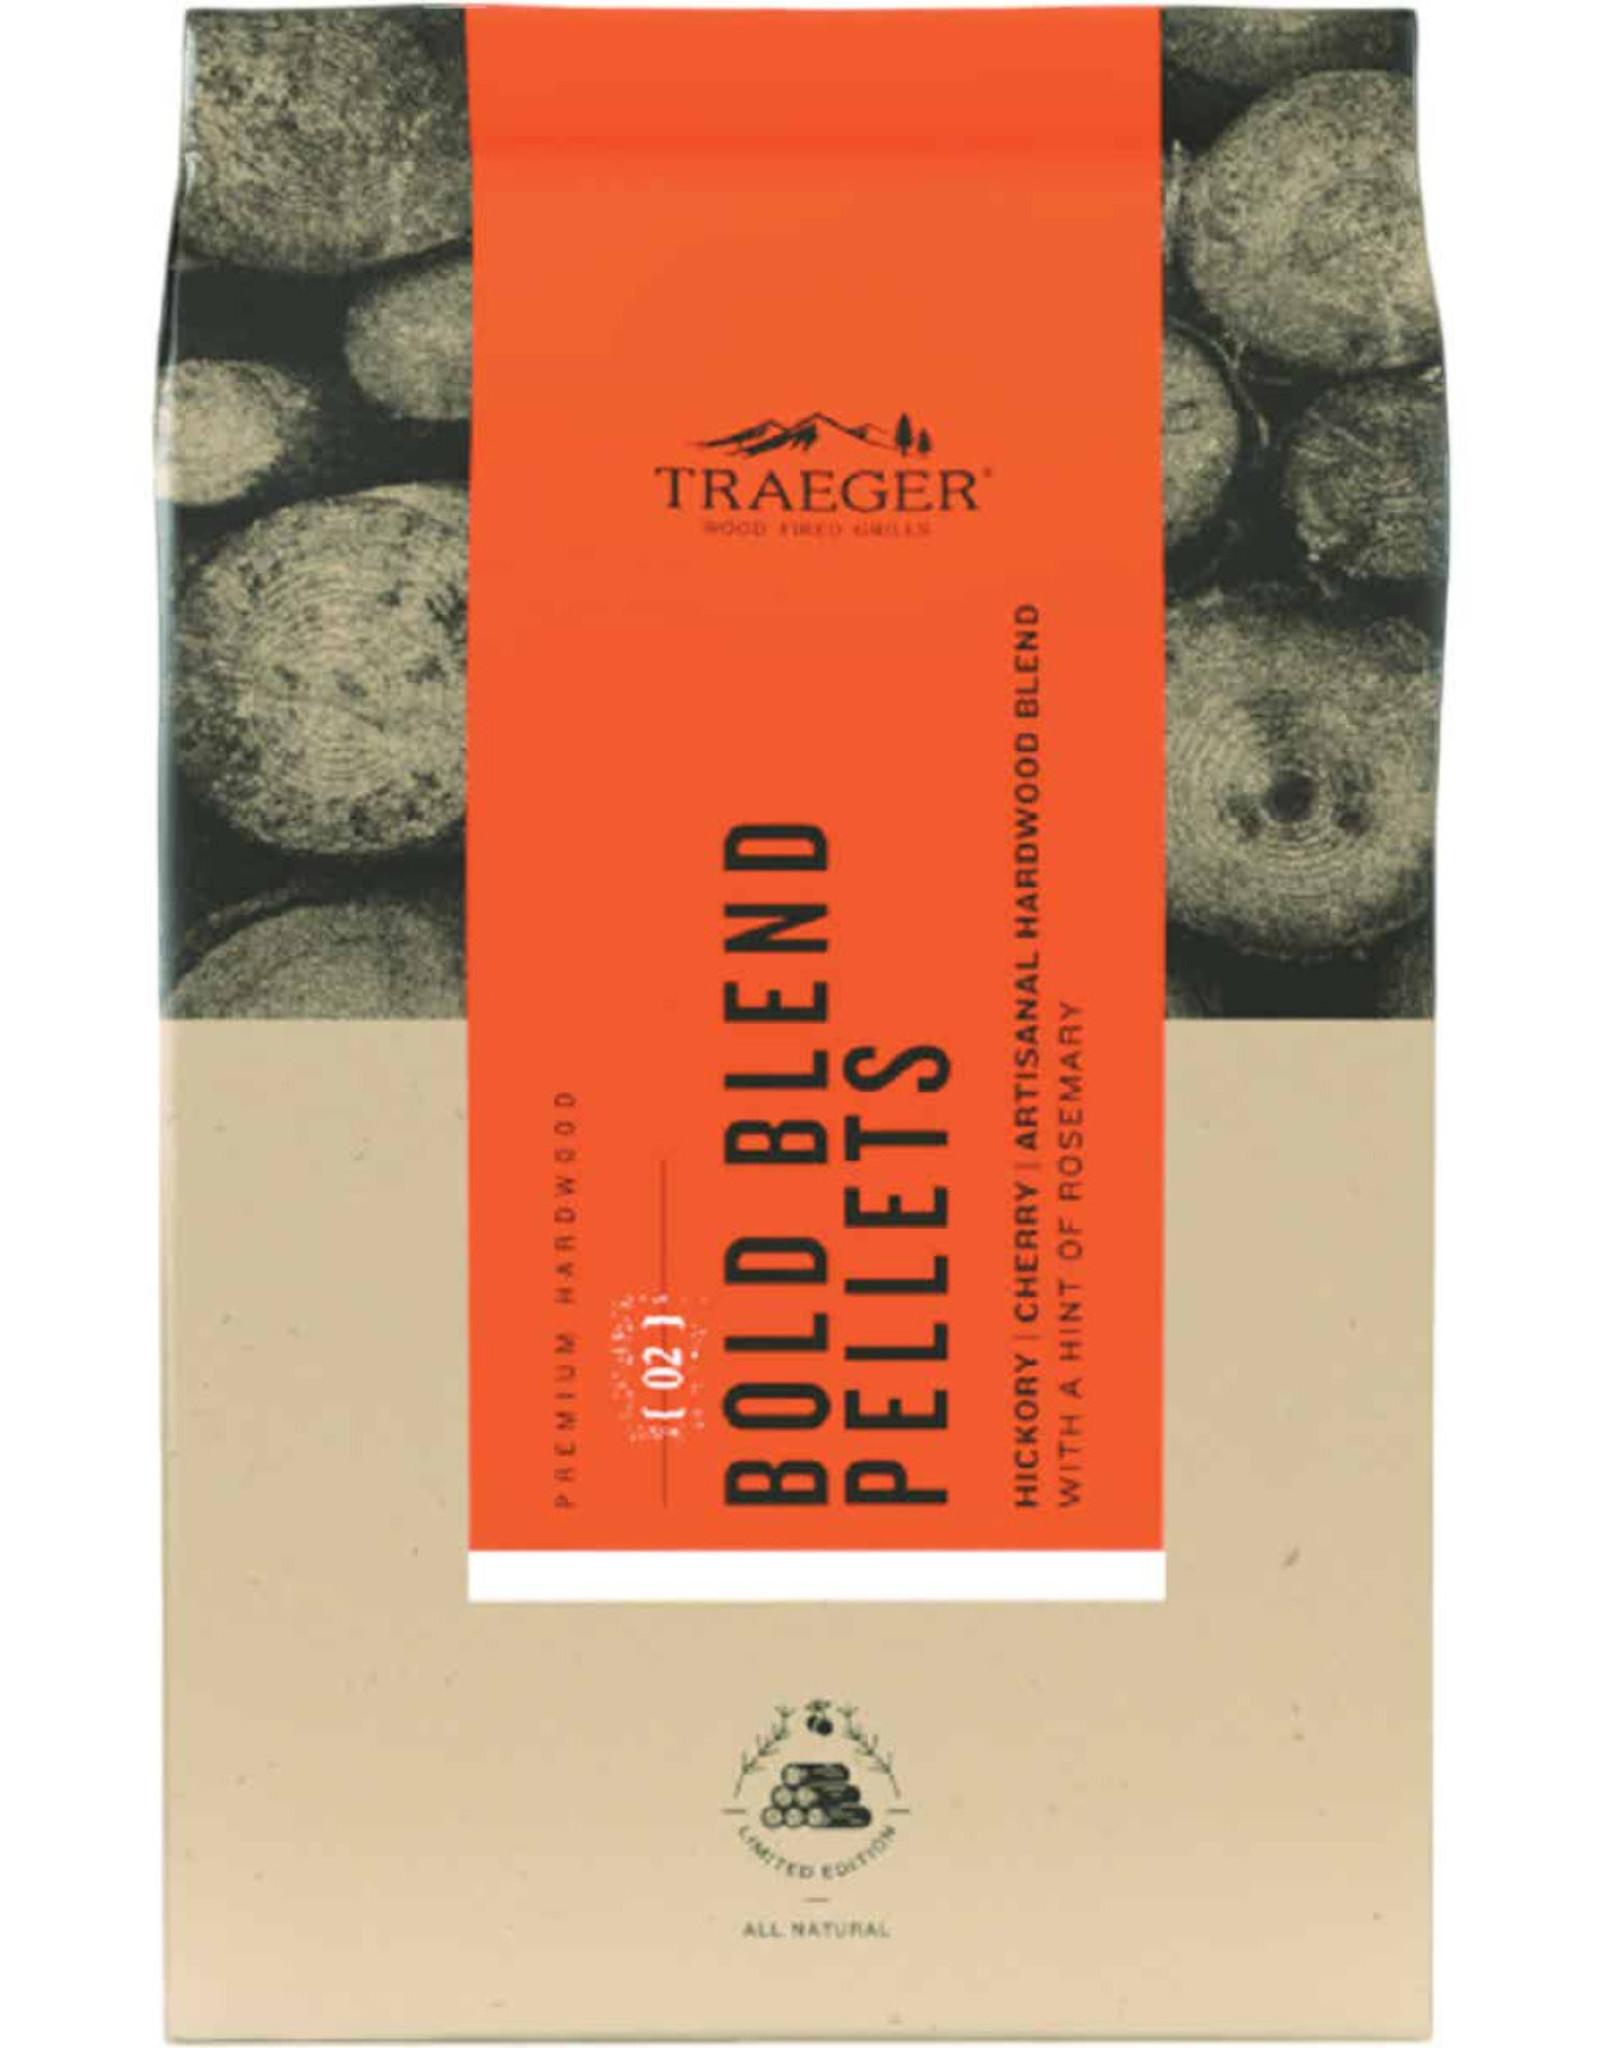 Traeger Traeger 18 Lb. Bold Blend Wood Pellets